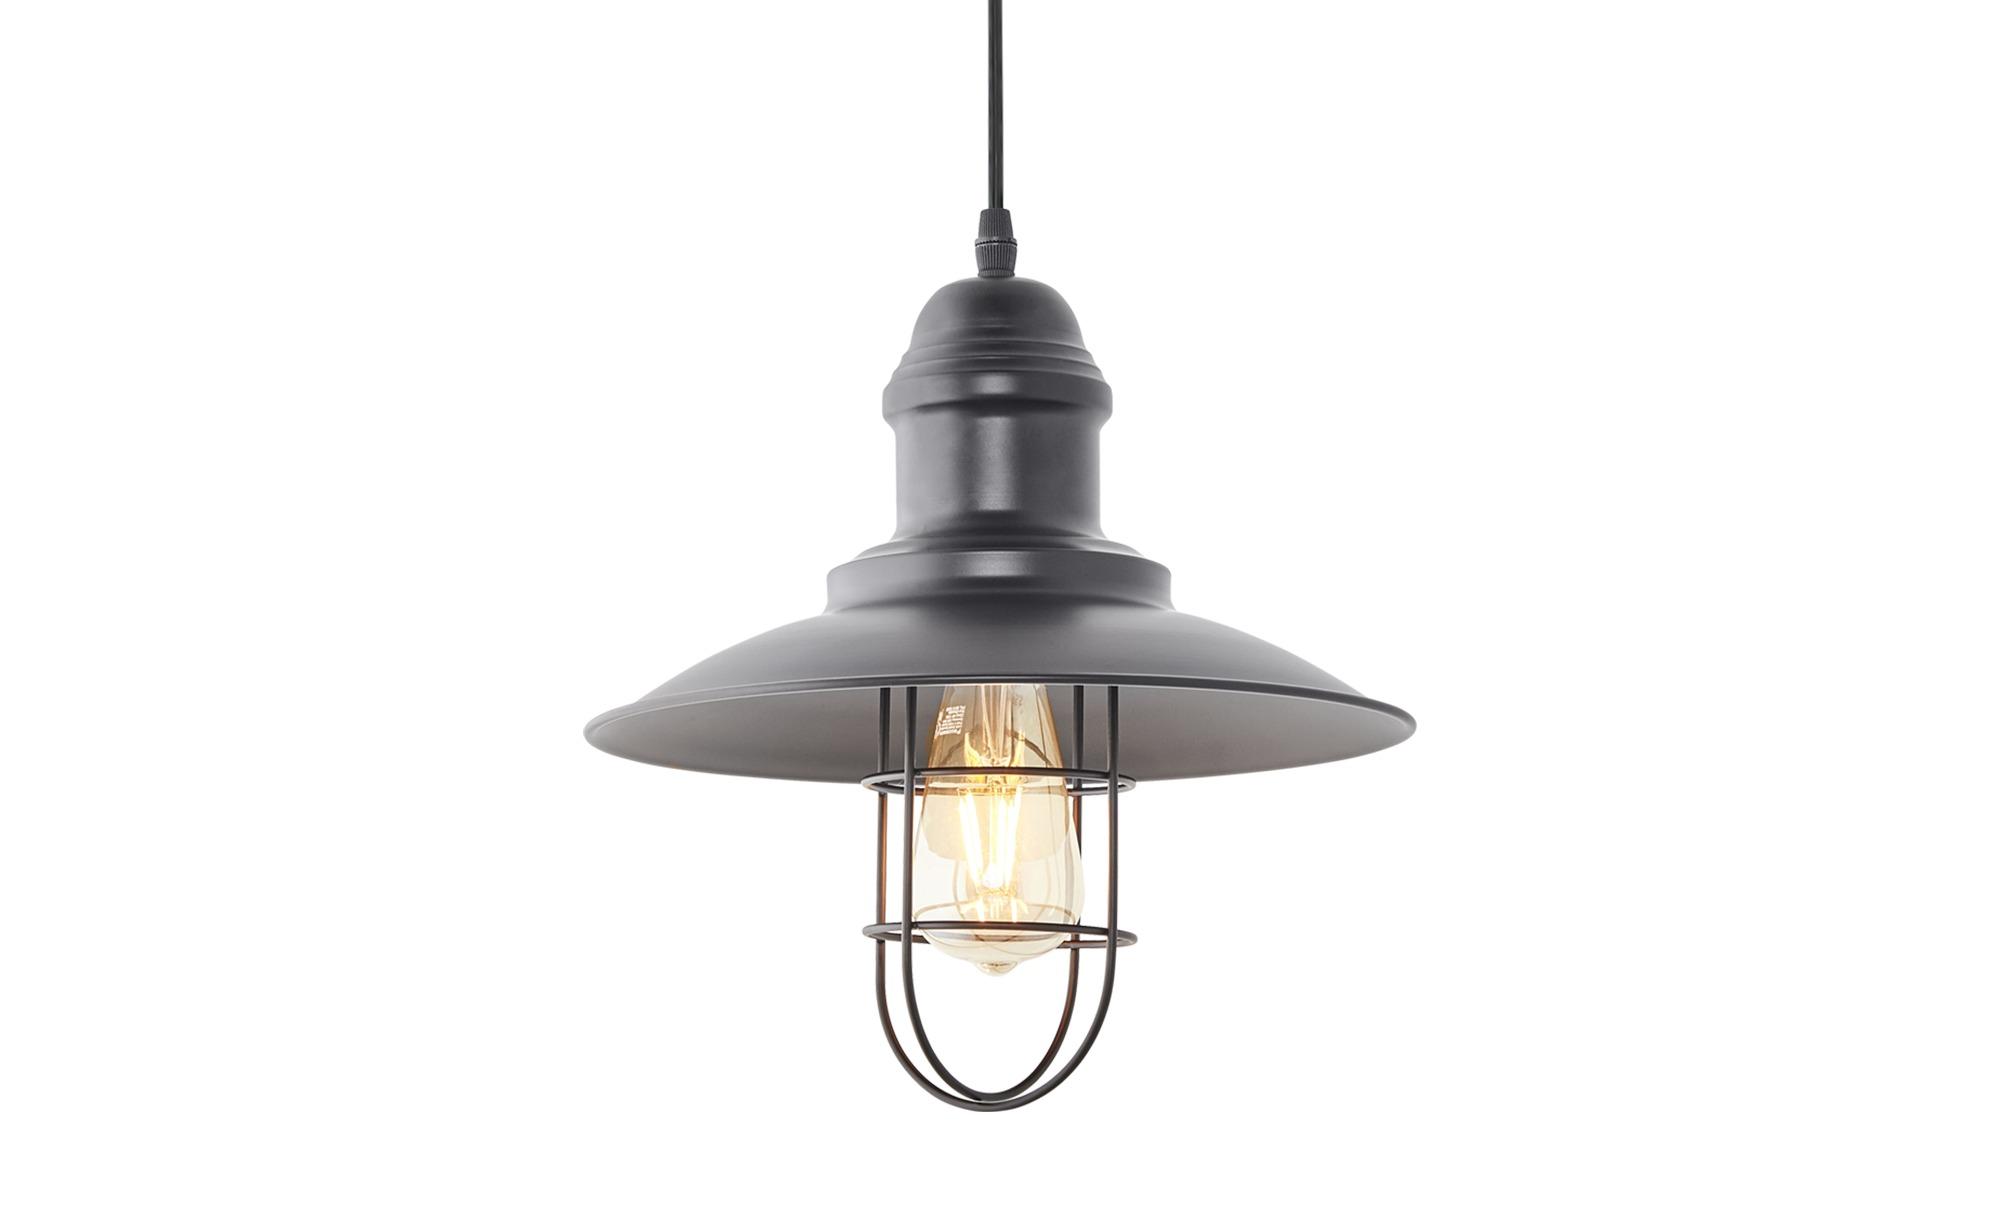 HOME STORY Pendelleuchte 1-flammig Schwarz ¦ schwarz ¦ Maße (cm): B: 30 H: 150 Lampen & Leuchten > Innenleuchten > Pendelleuchten - Höffner